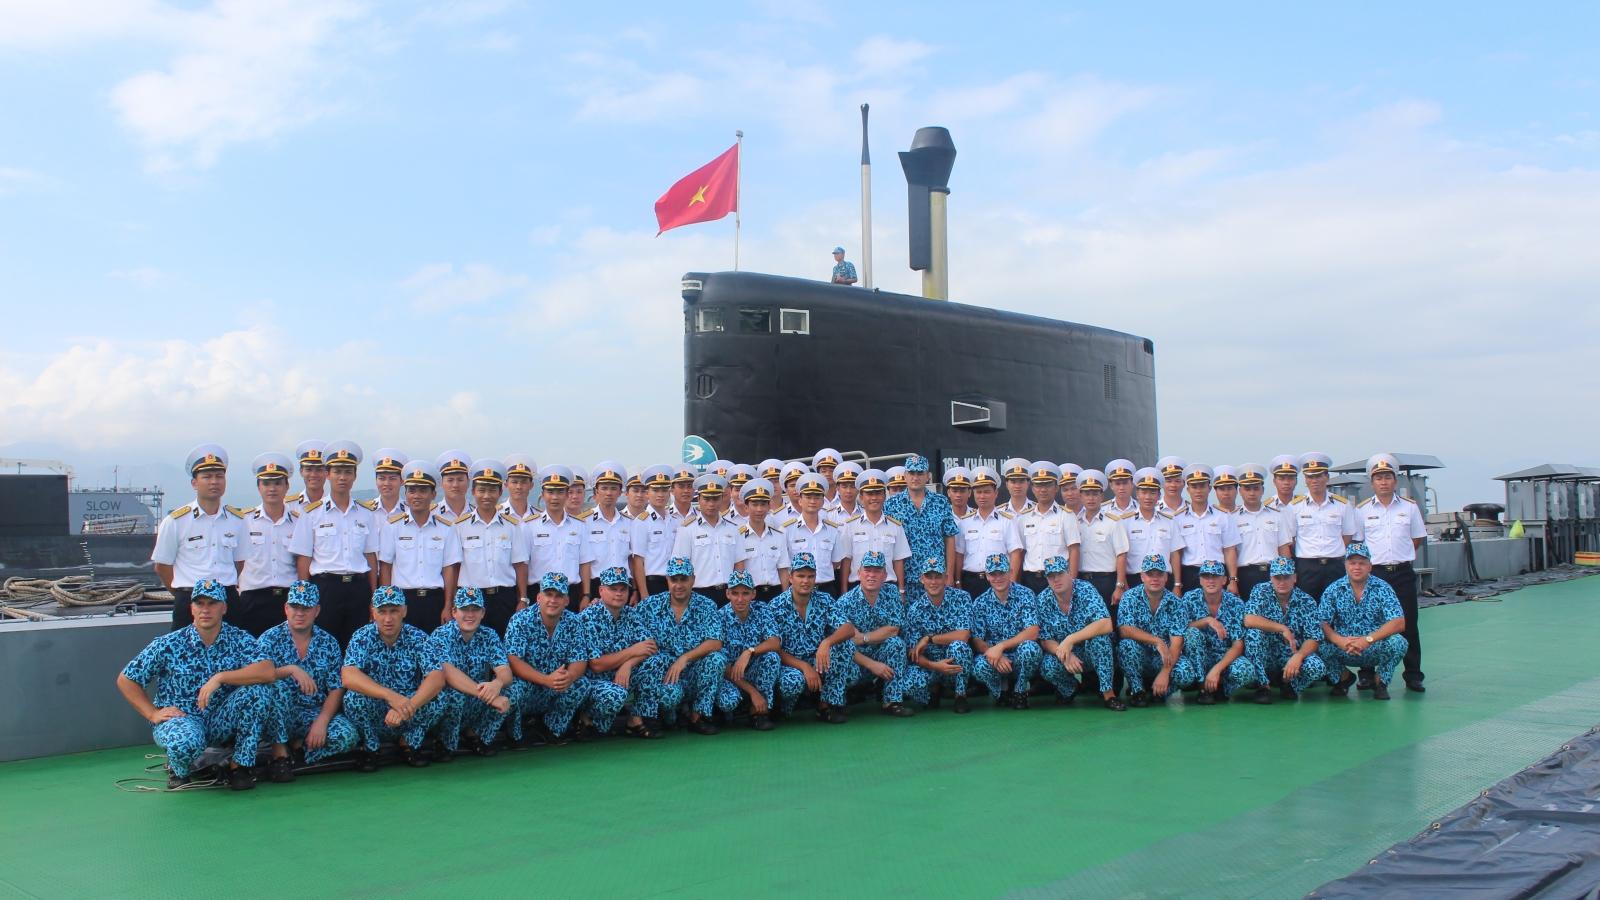 10 năm thành lập Lữ đoàn Tàu ngầm 189: Lực lượng tinh nhuệ của Hải quân Việt Nam